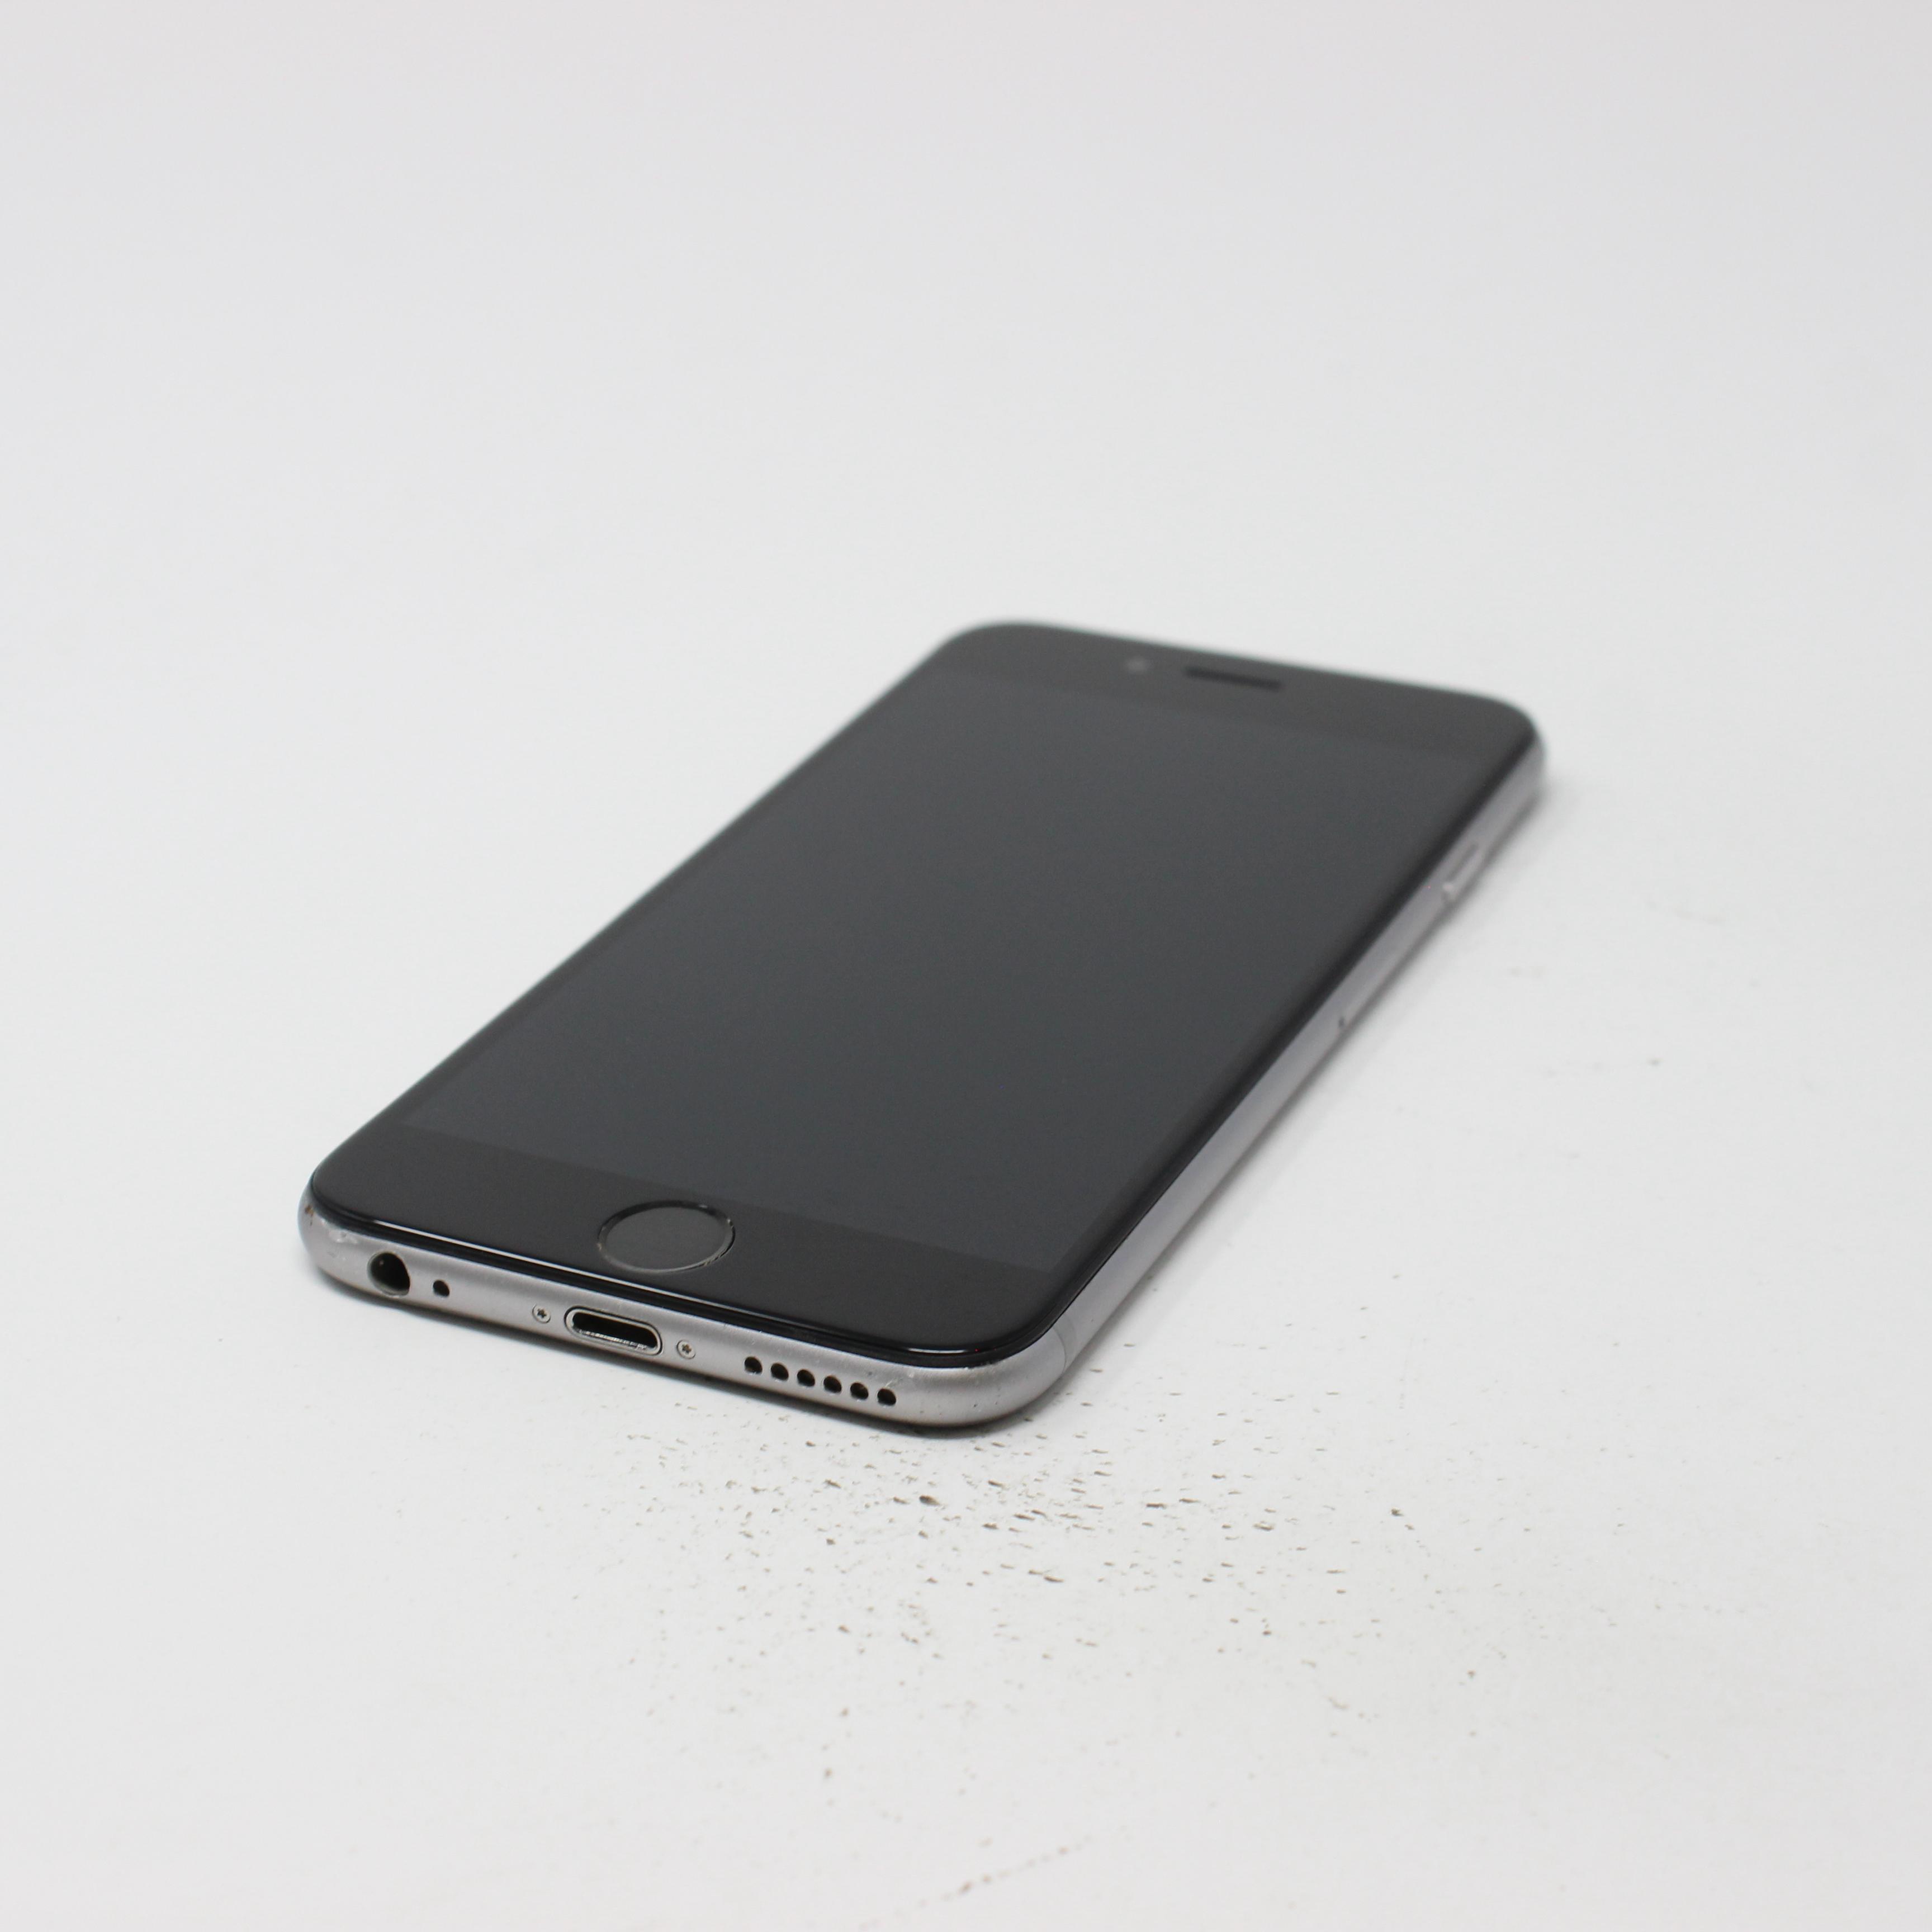 iPhone 6 128GB Space Gray - AT&T photo 6   UpTradeit.com